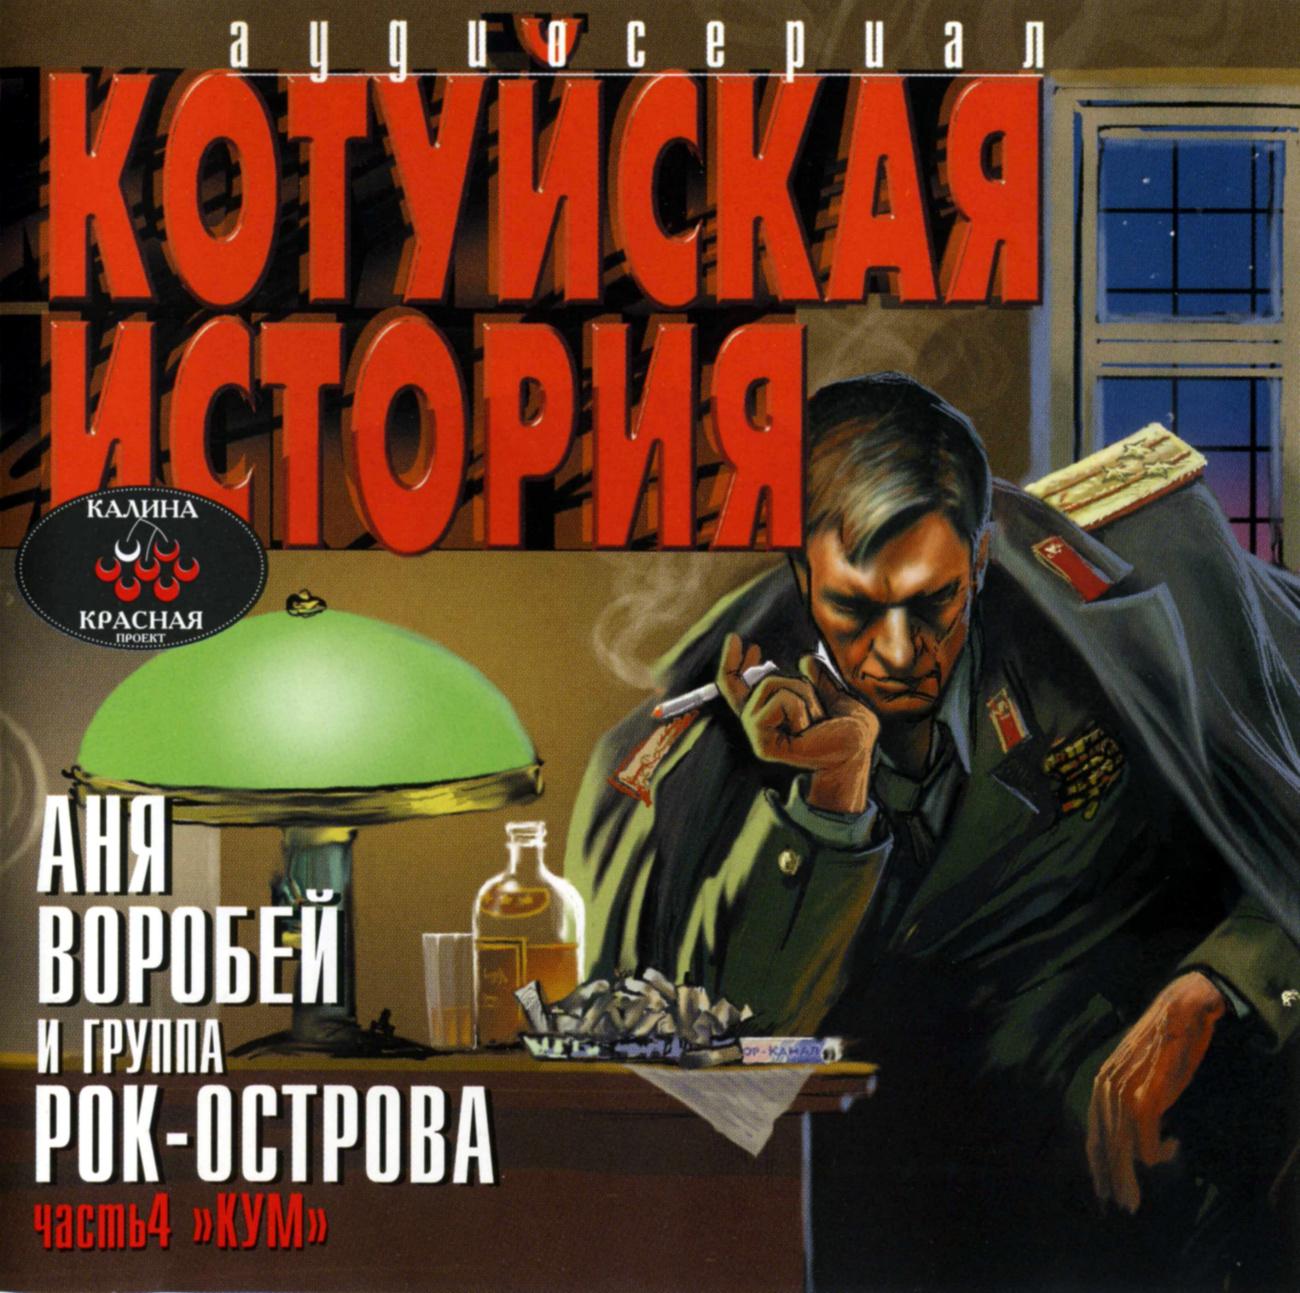 Котуйская история. Часть 4 Кум